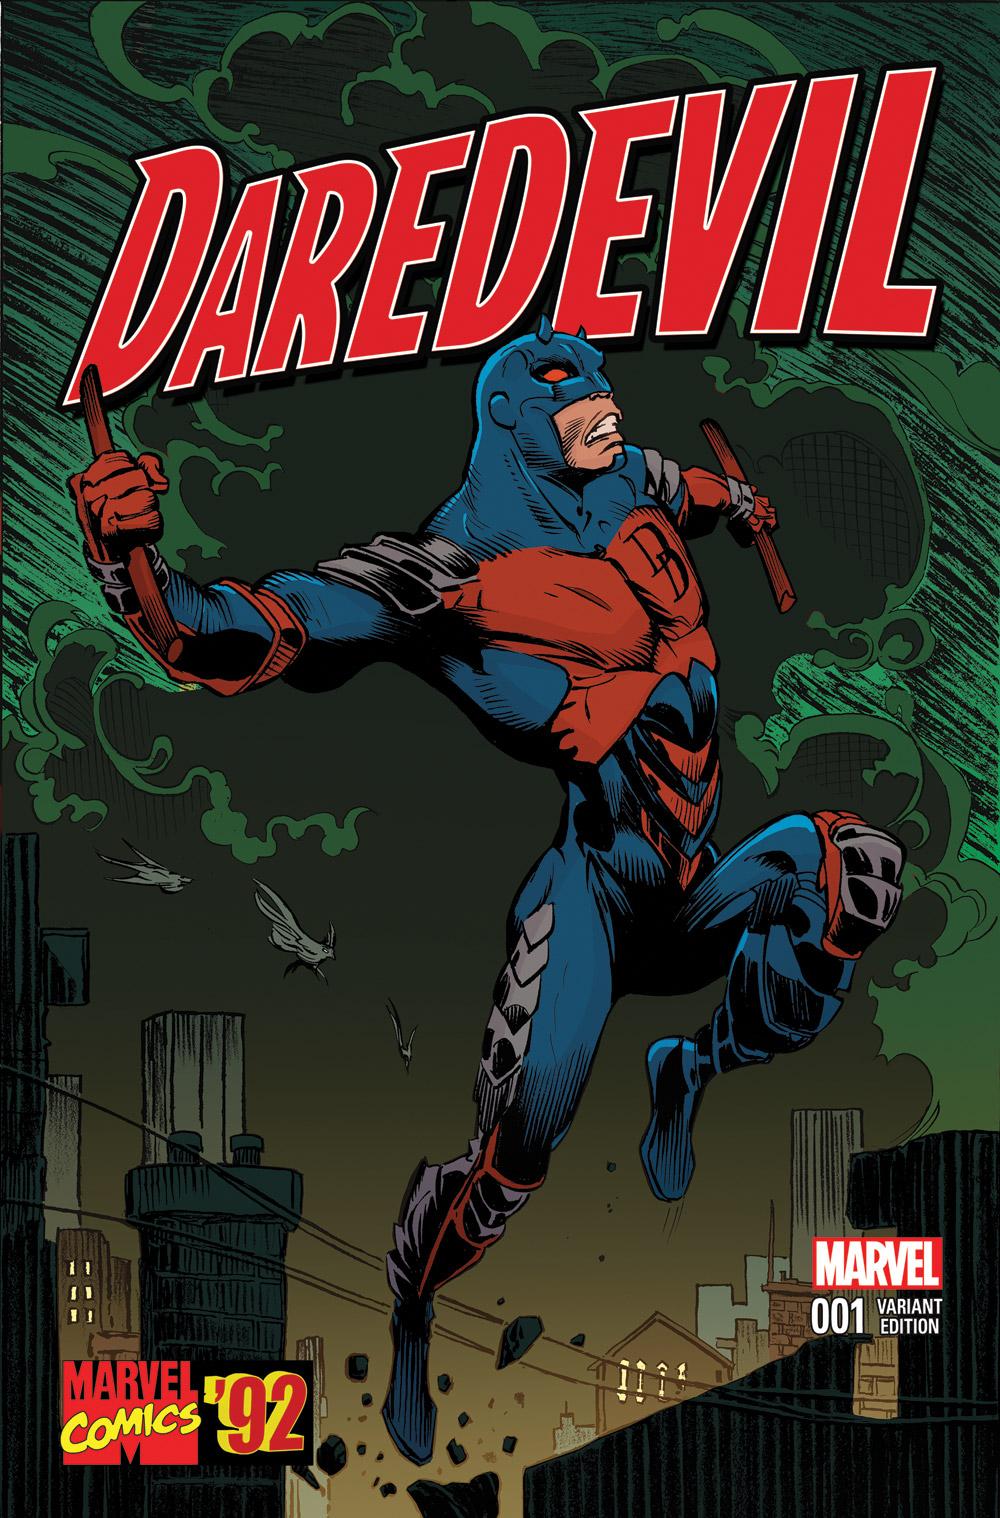 Daredevil (2015) #1 (Stroman Marvel 92 Variant)